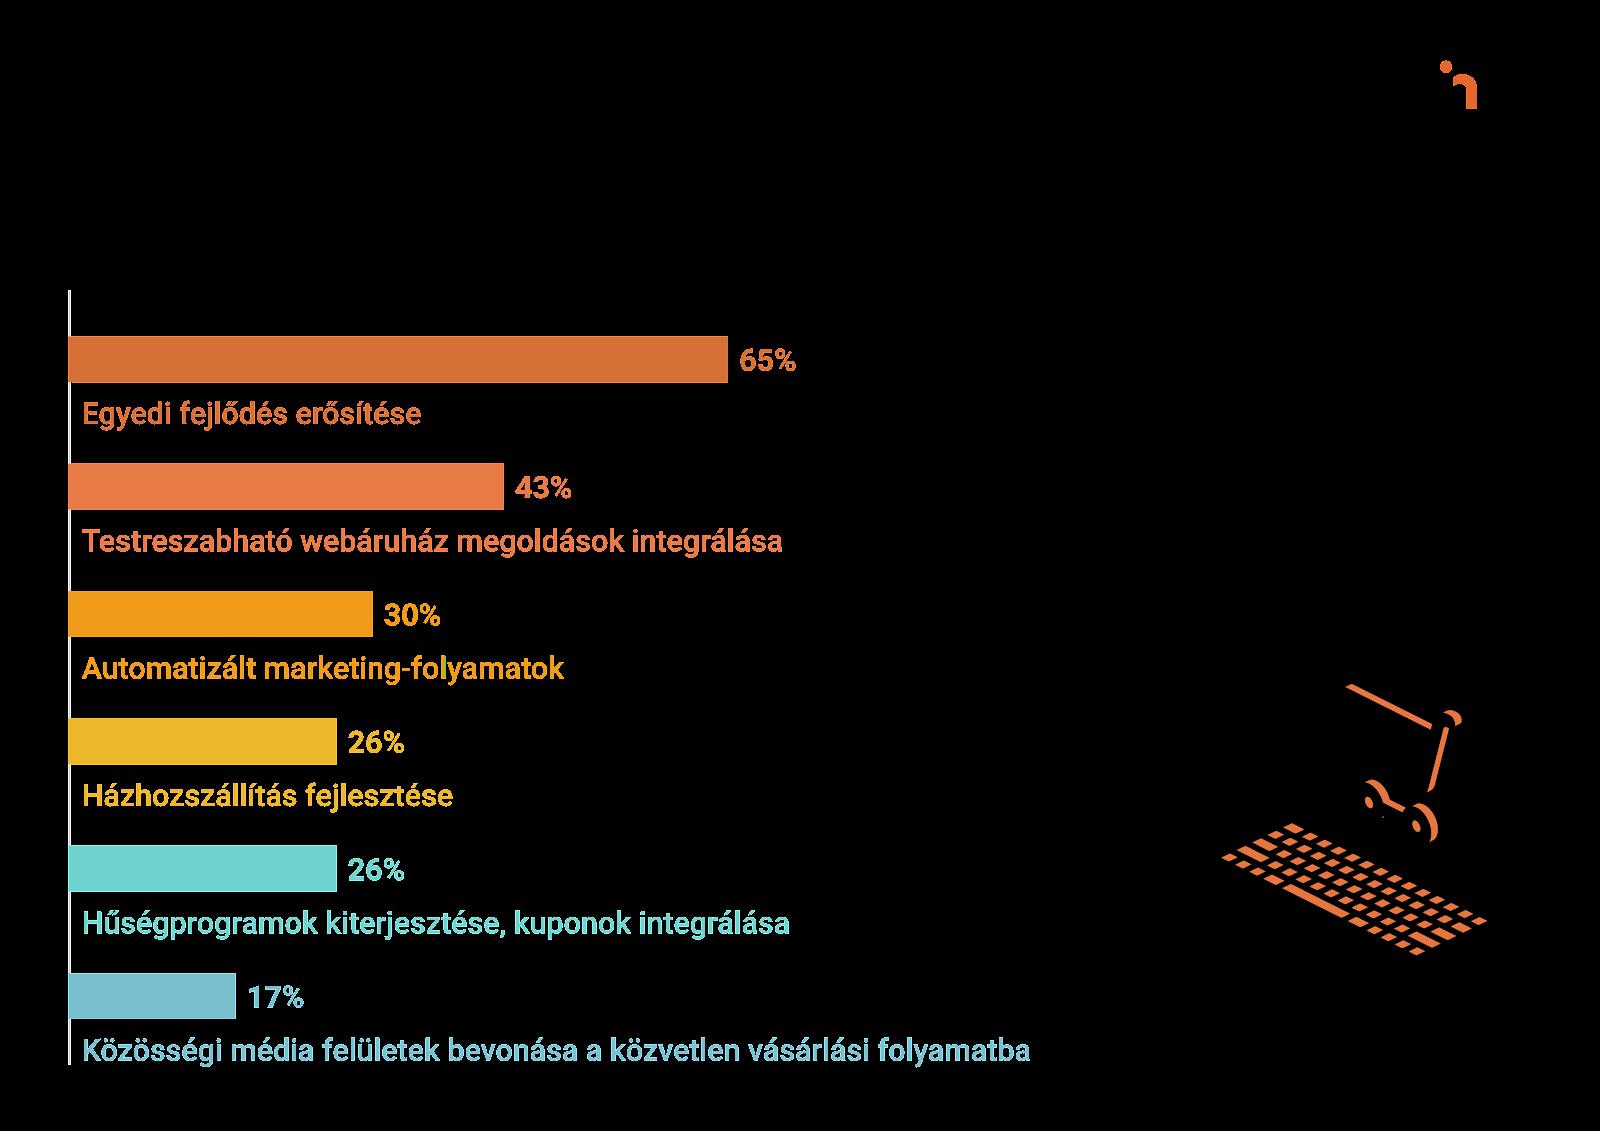 Milyen e-commerce beruházást tervez 2021-ben? - LogiNet Kereskedeő hangulatjelentése alapján